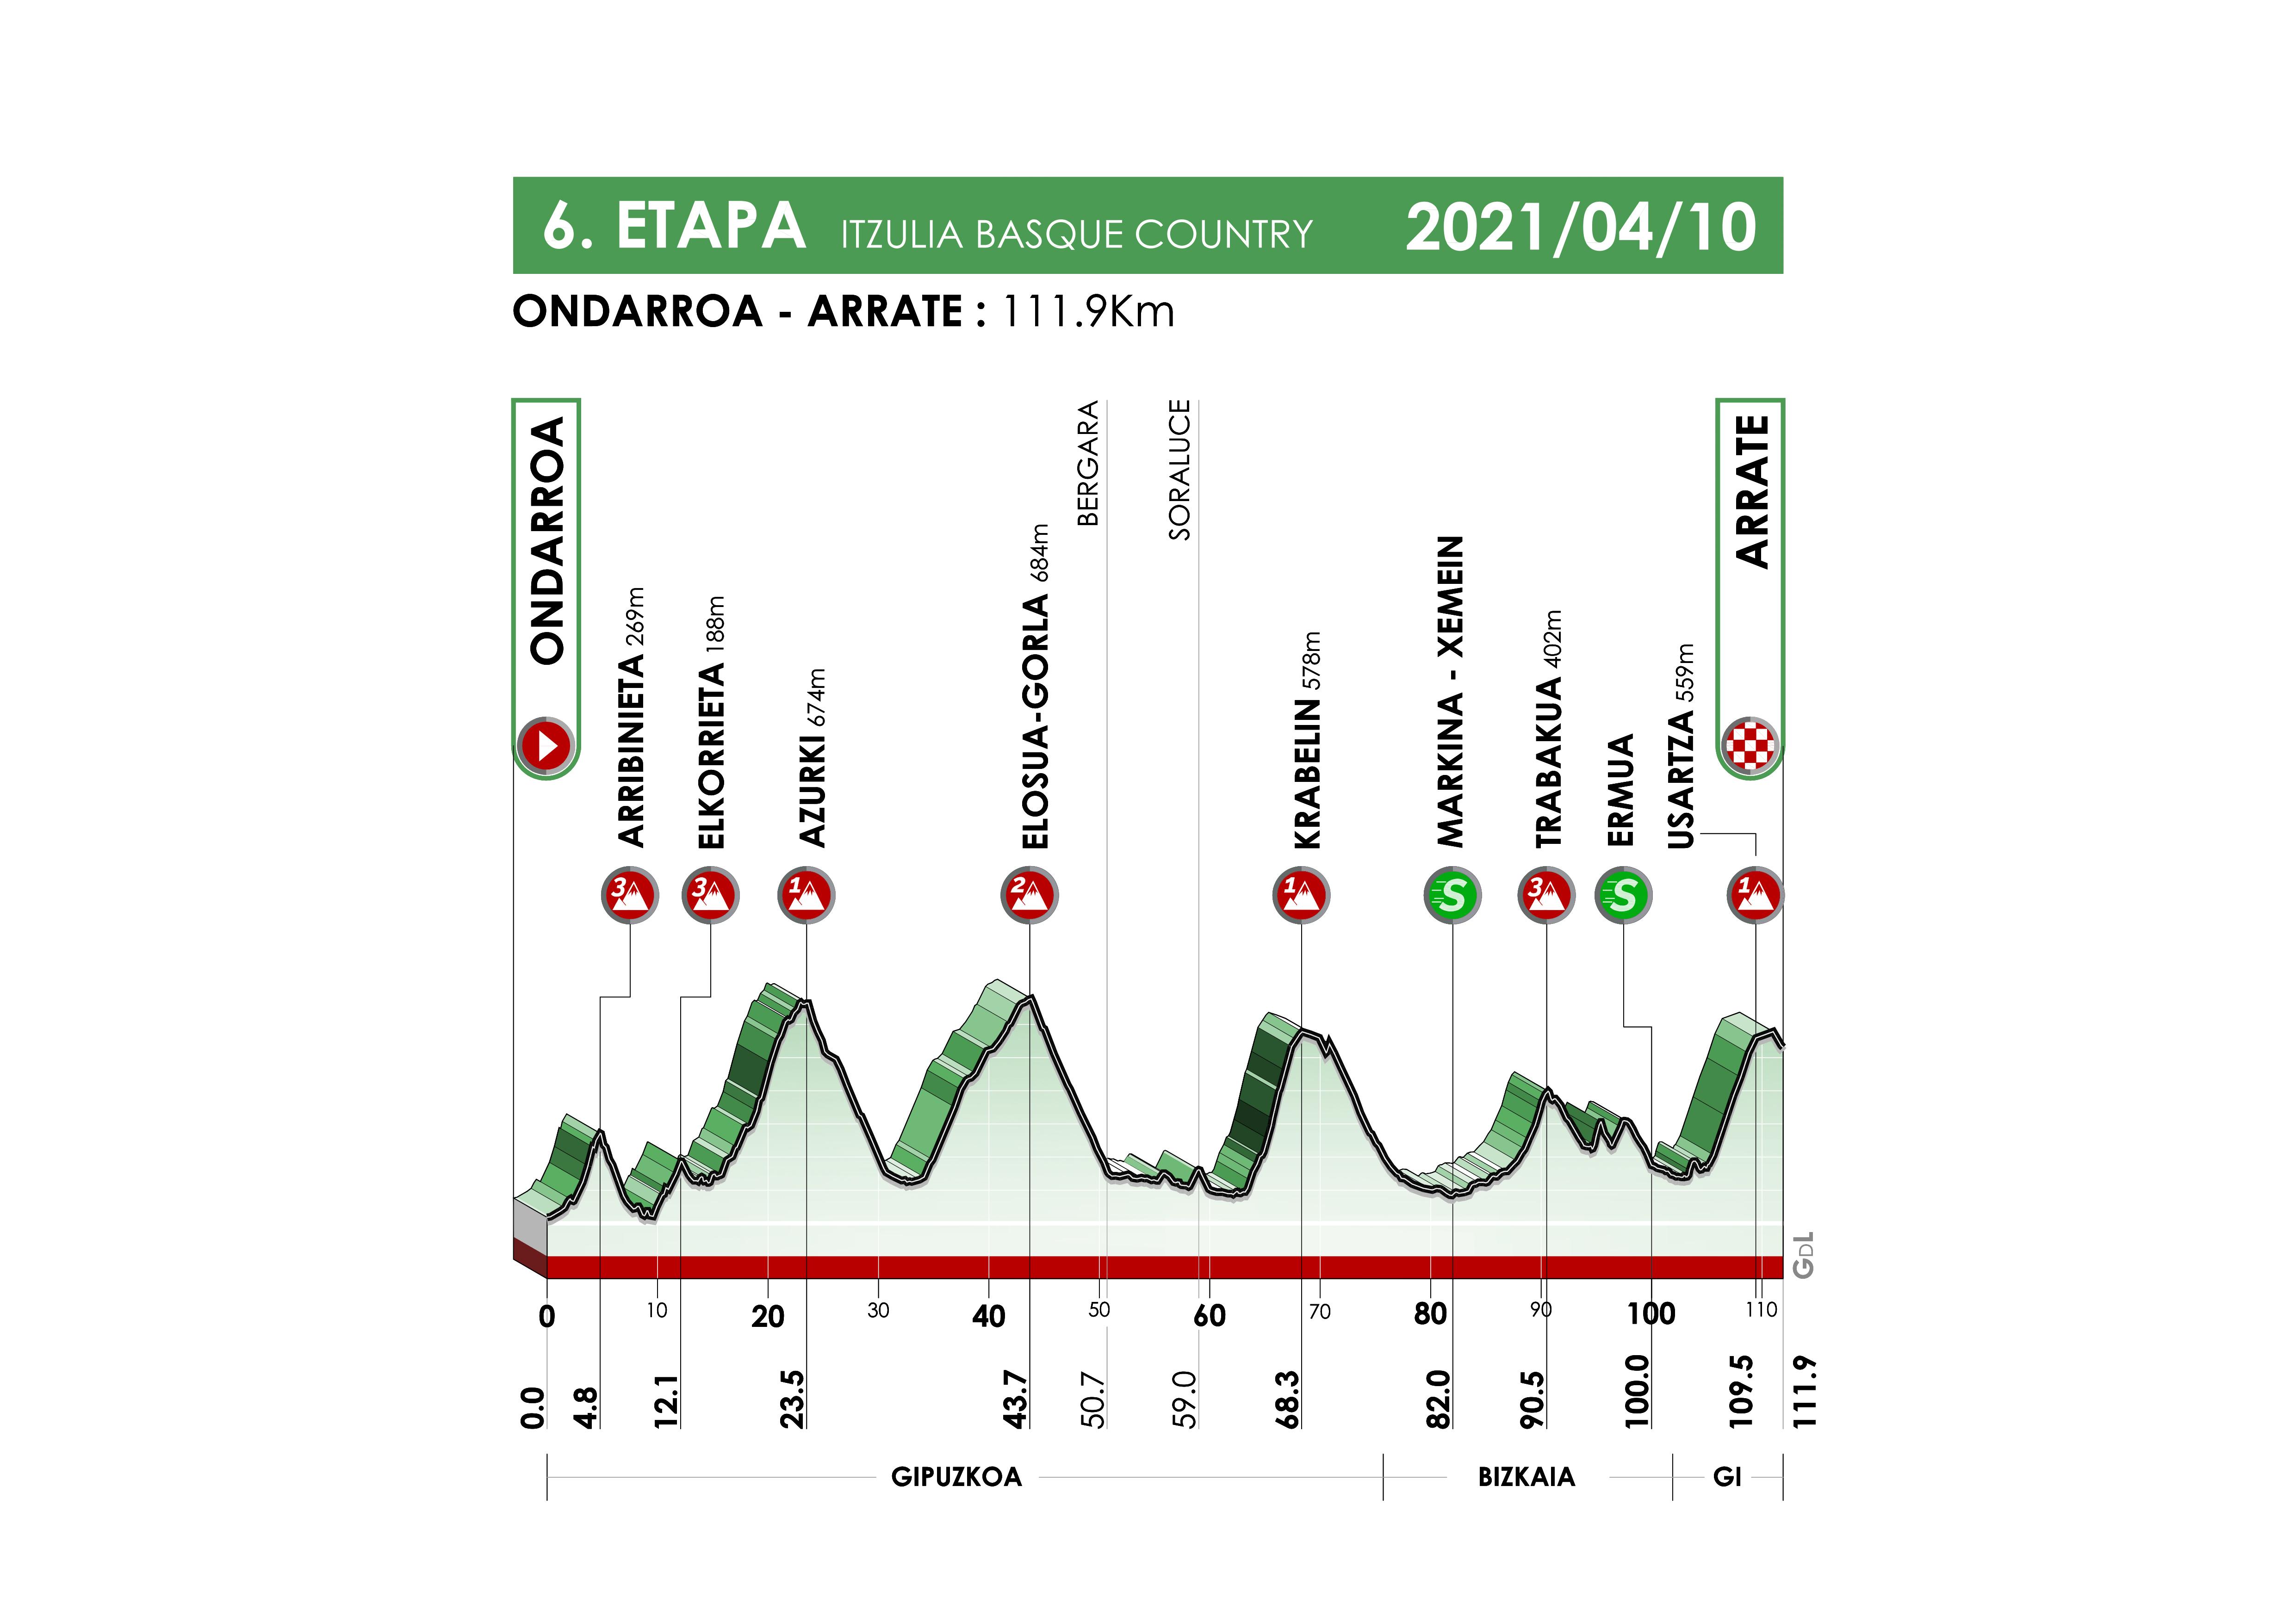 Perfil de la sexta etapa de la Vuelta al País Vasco 2021